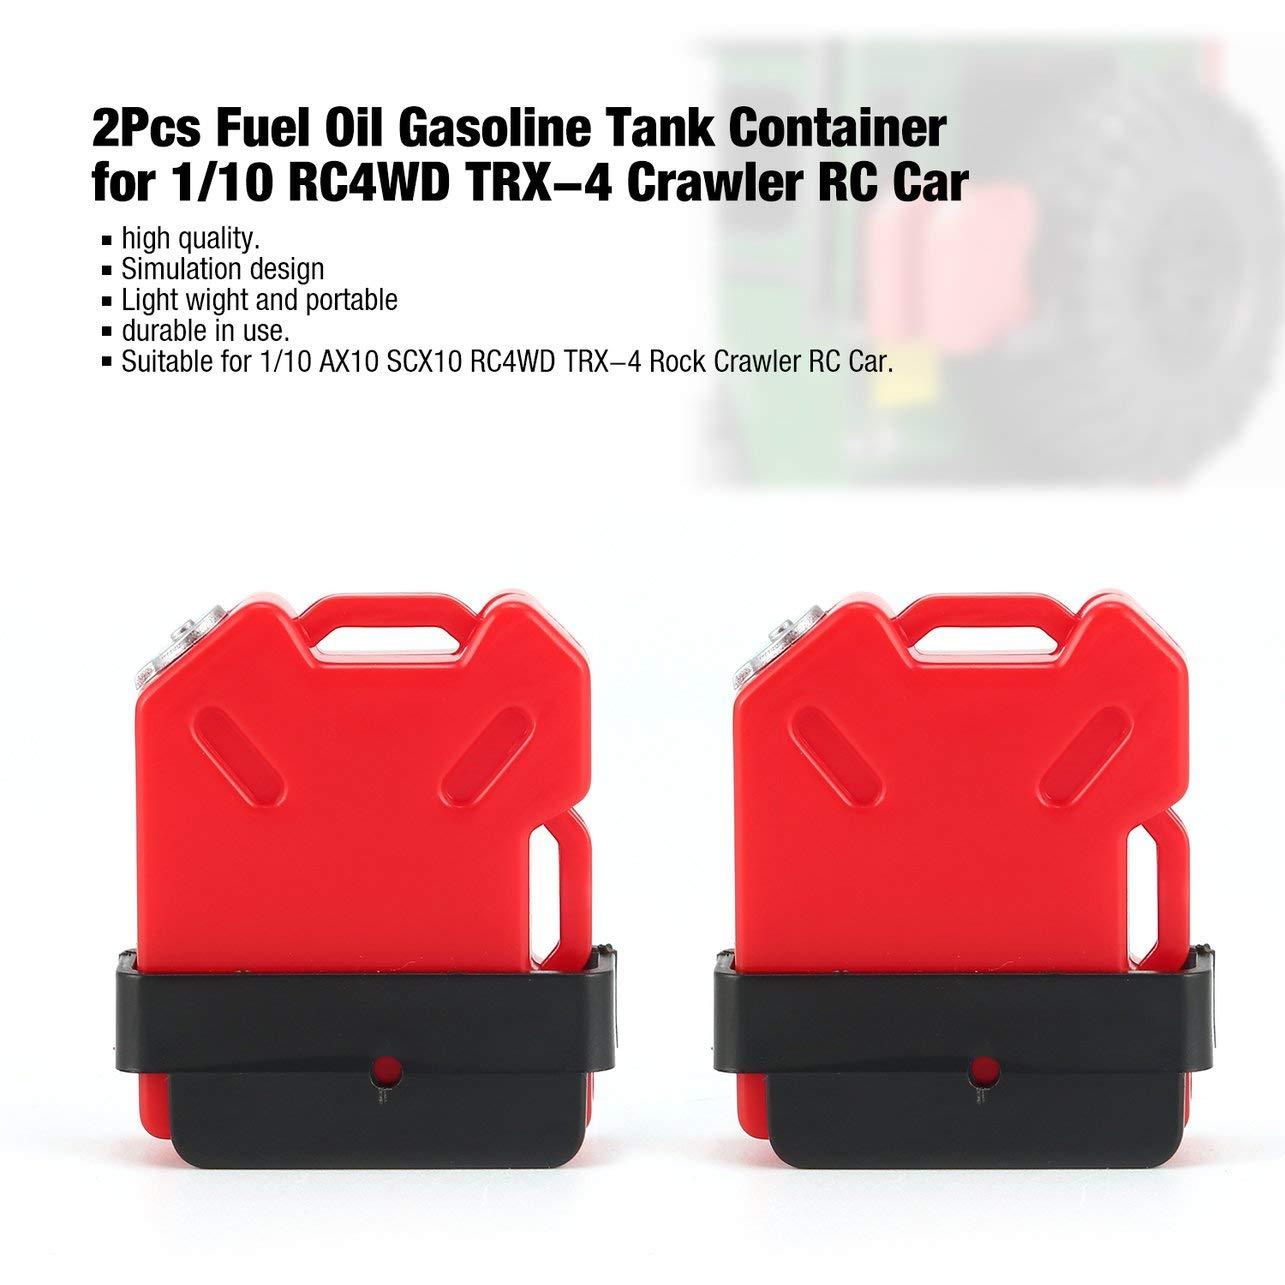 2 Unids Tanque Simulado de Gasolina de Combustible de Combustible de Combustible se Monta para 1/10 AX10 SCX10 Vehí culo Vehí culo de RC de Rueda Todo Terreno RC4WD TRX-4 (Color: Rojo) WOSOSYEYO